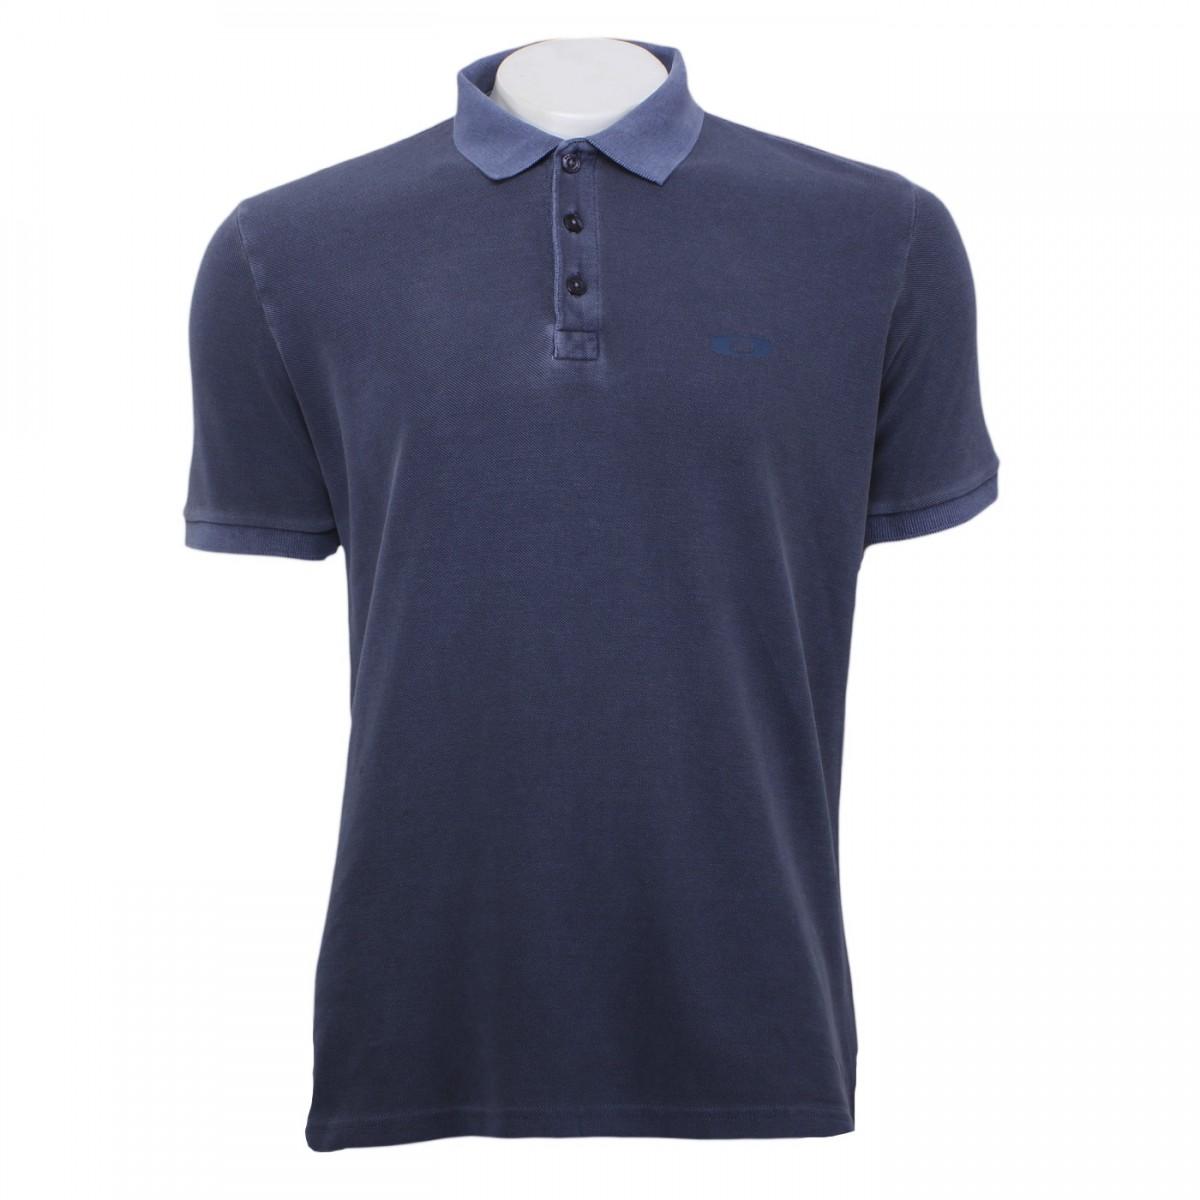 dbf2e778a34cd Camisa Polo Oakley Prompt   Treino e Corrida